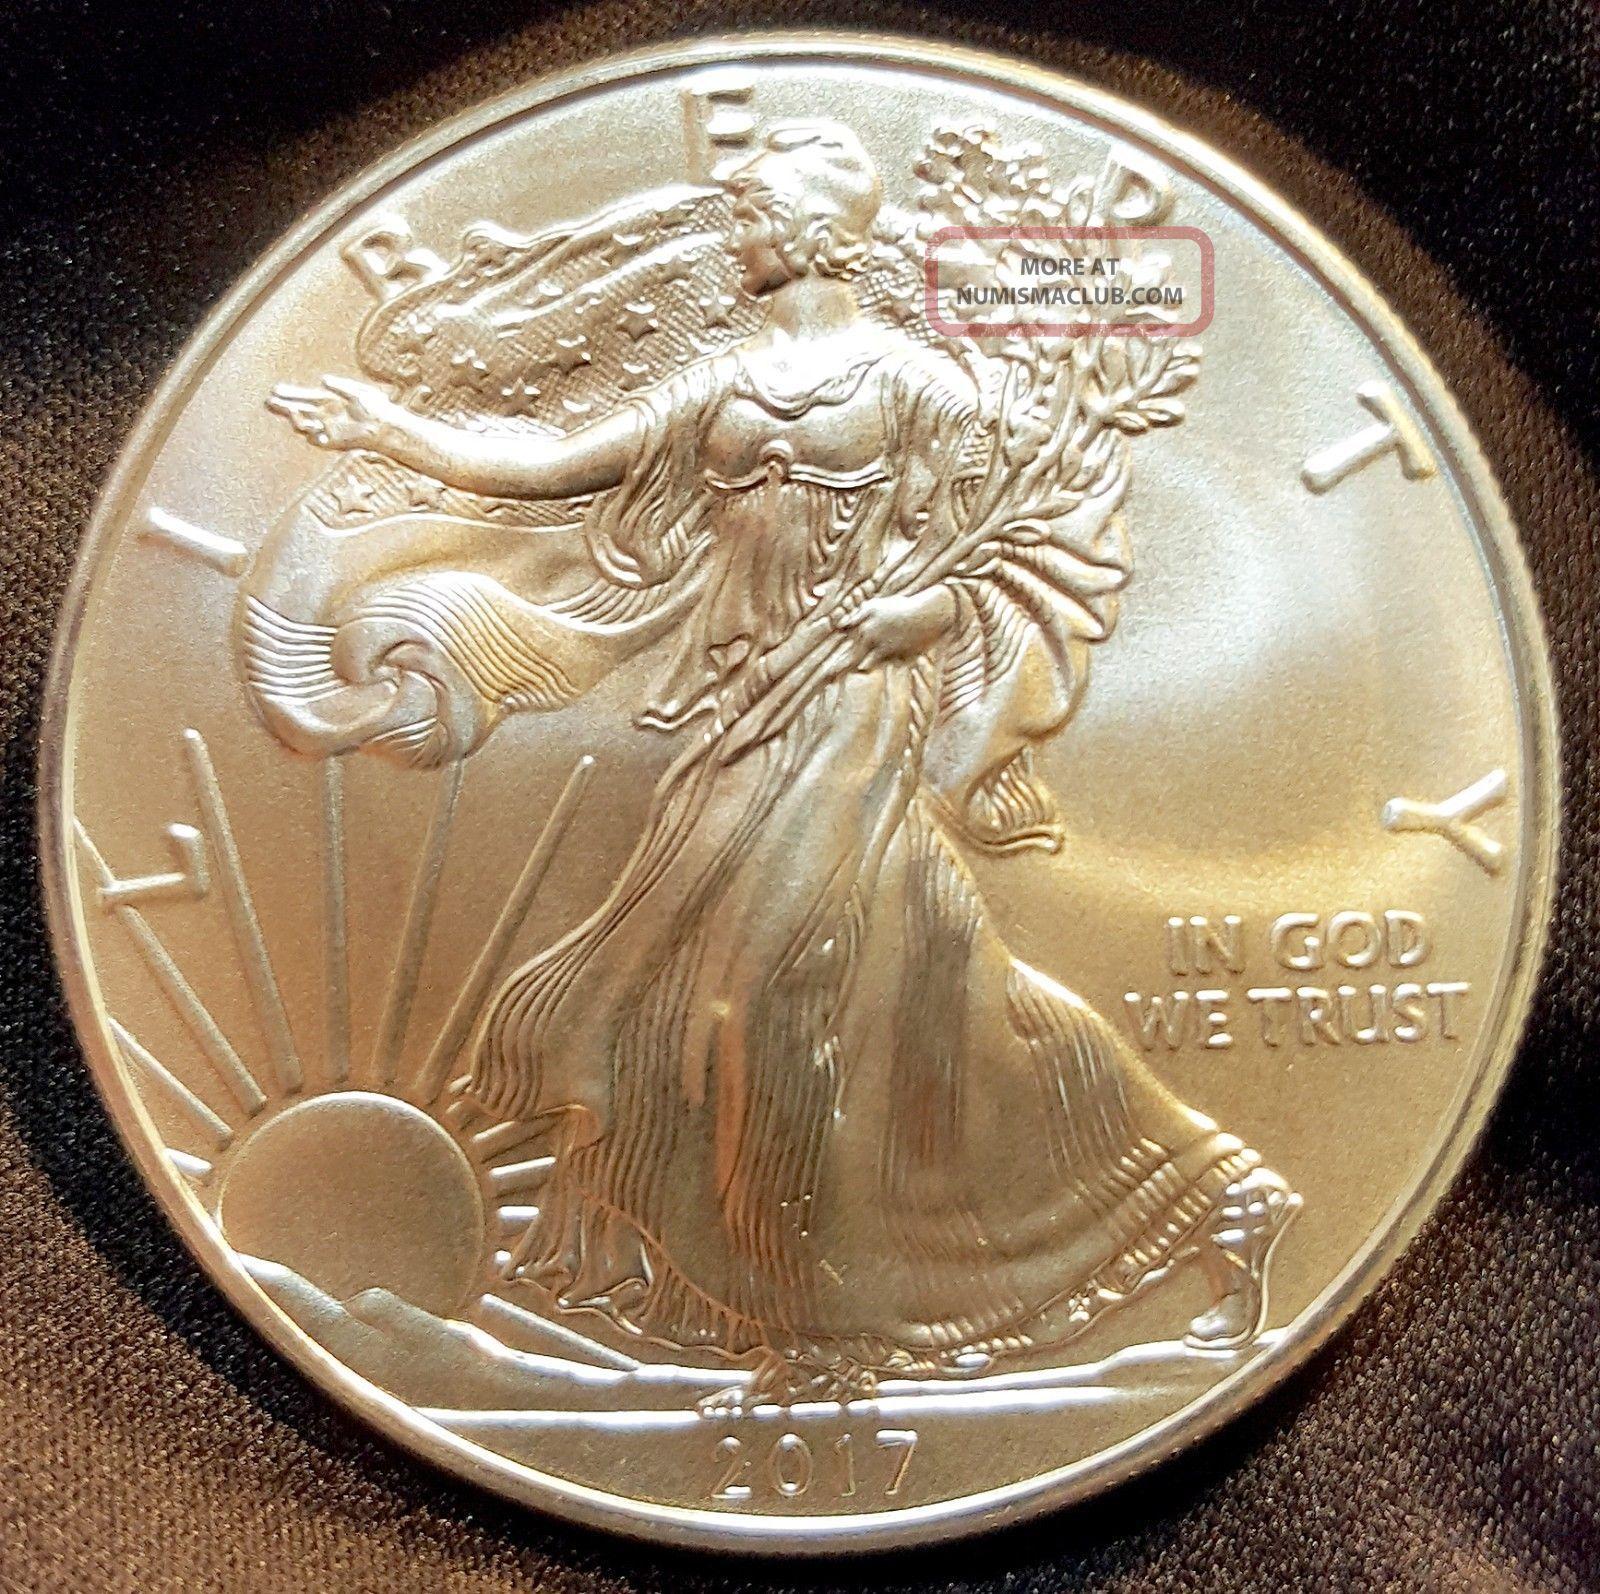 2017 Silver American Eagle 1 Oz Coin 999 Fine Silver